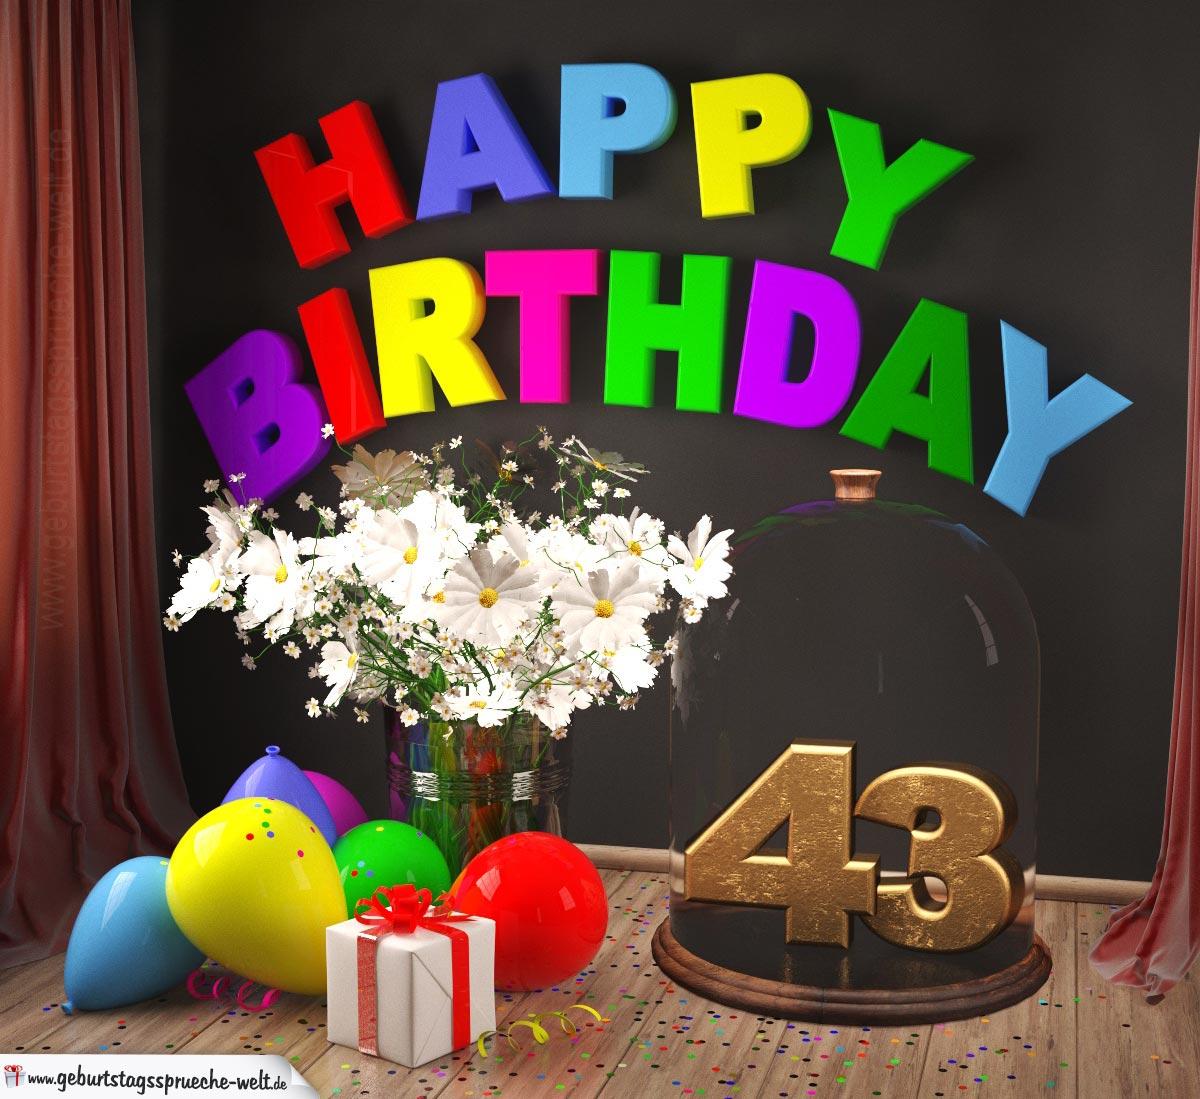 Happy Birthday 43 Jahre Glückwunschkarte mit Margeriten-Blumenstrauß, Luftballons und Geschenk unter Glasglocke